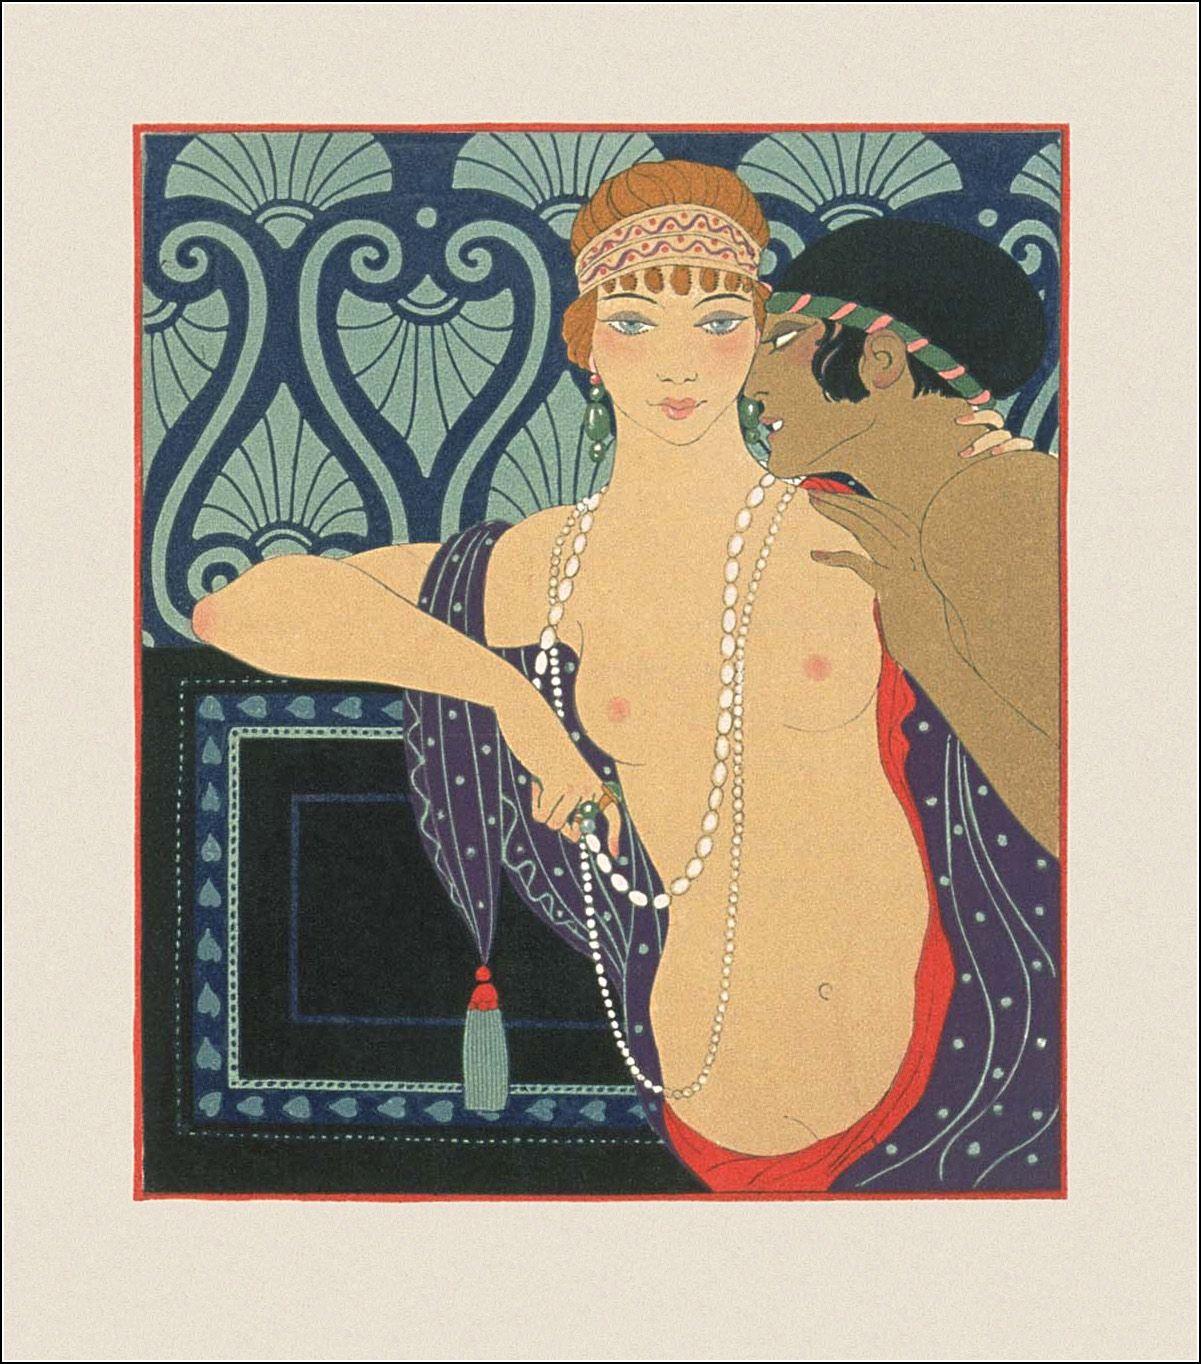 Les Chansons De Bilitis Ill George Barbier Art Deco Illustration Art Deco Paintings Art Deco Posters